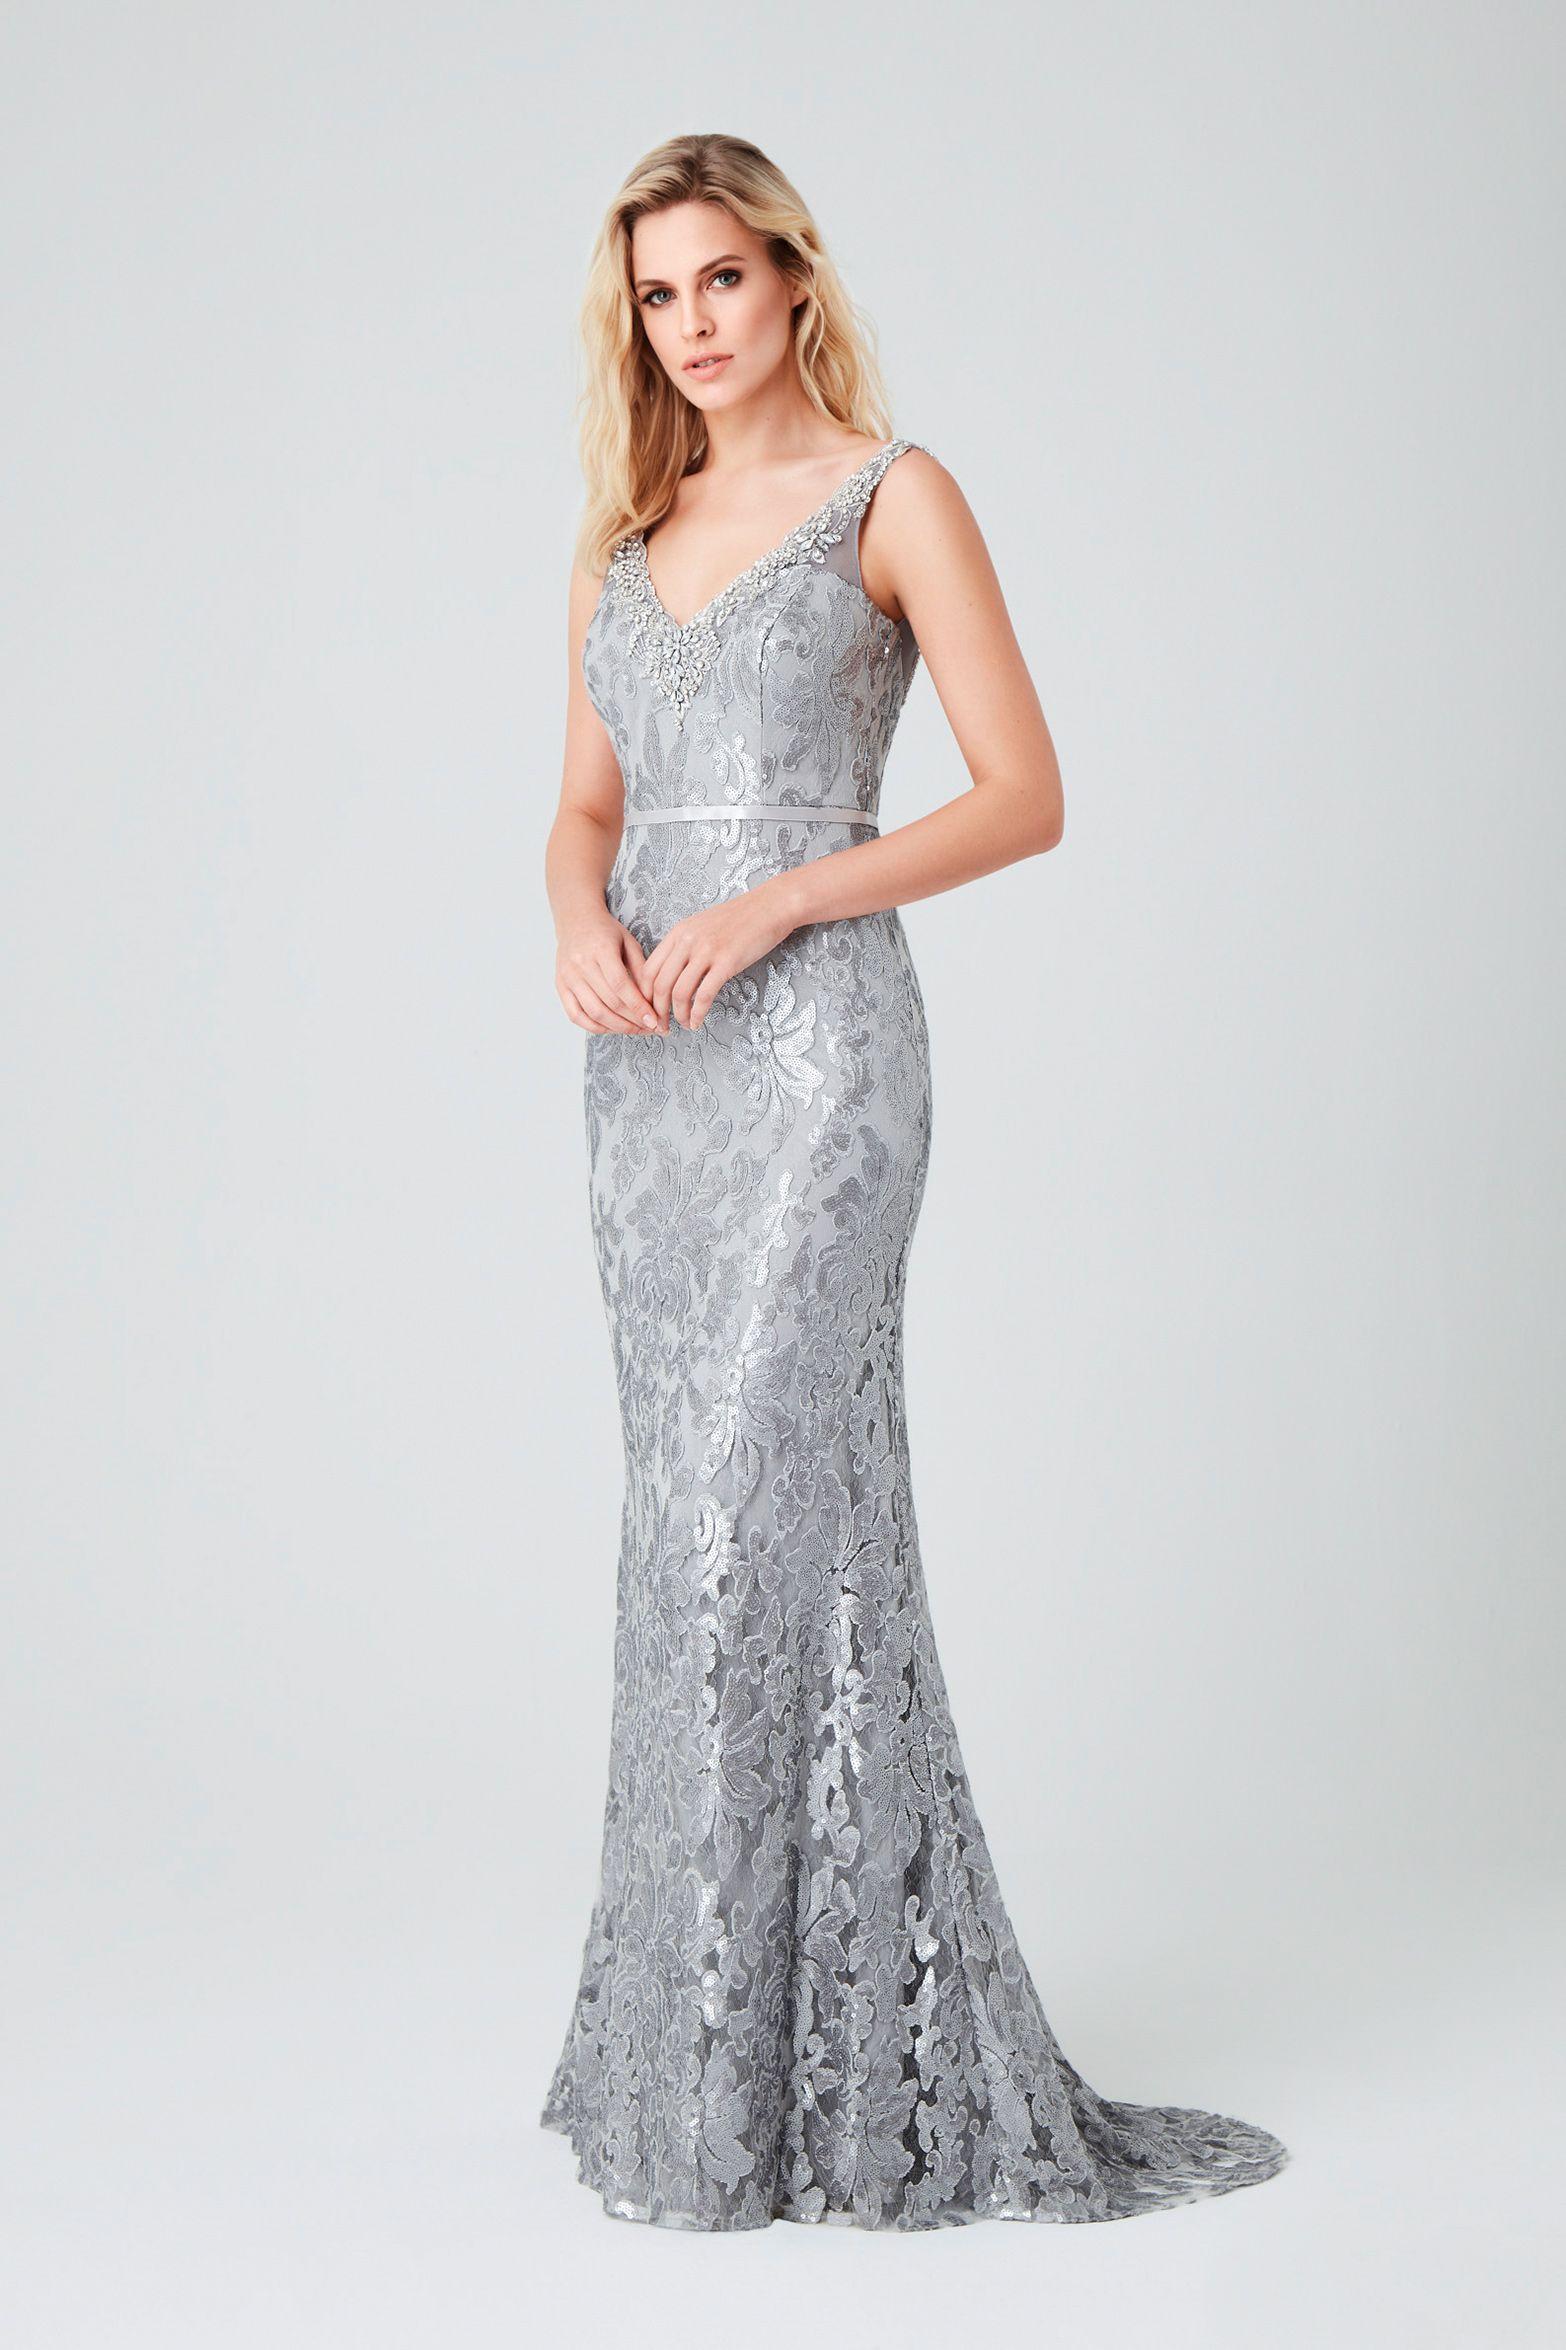 Yazlık Püsküllü Beyaz Elbise Modelleri 2019